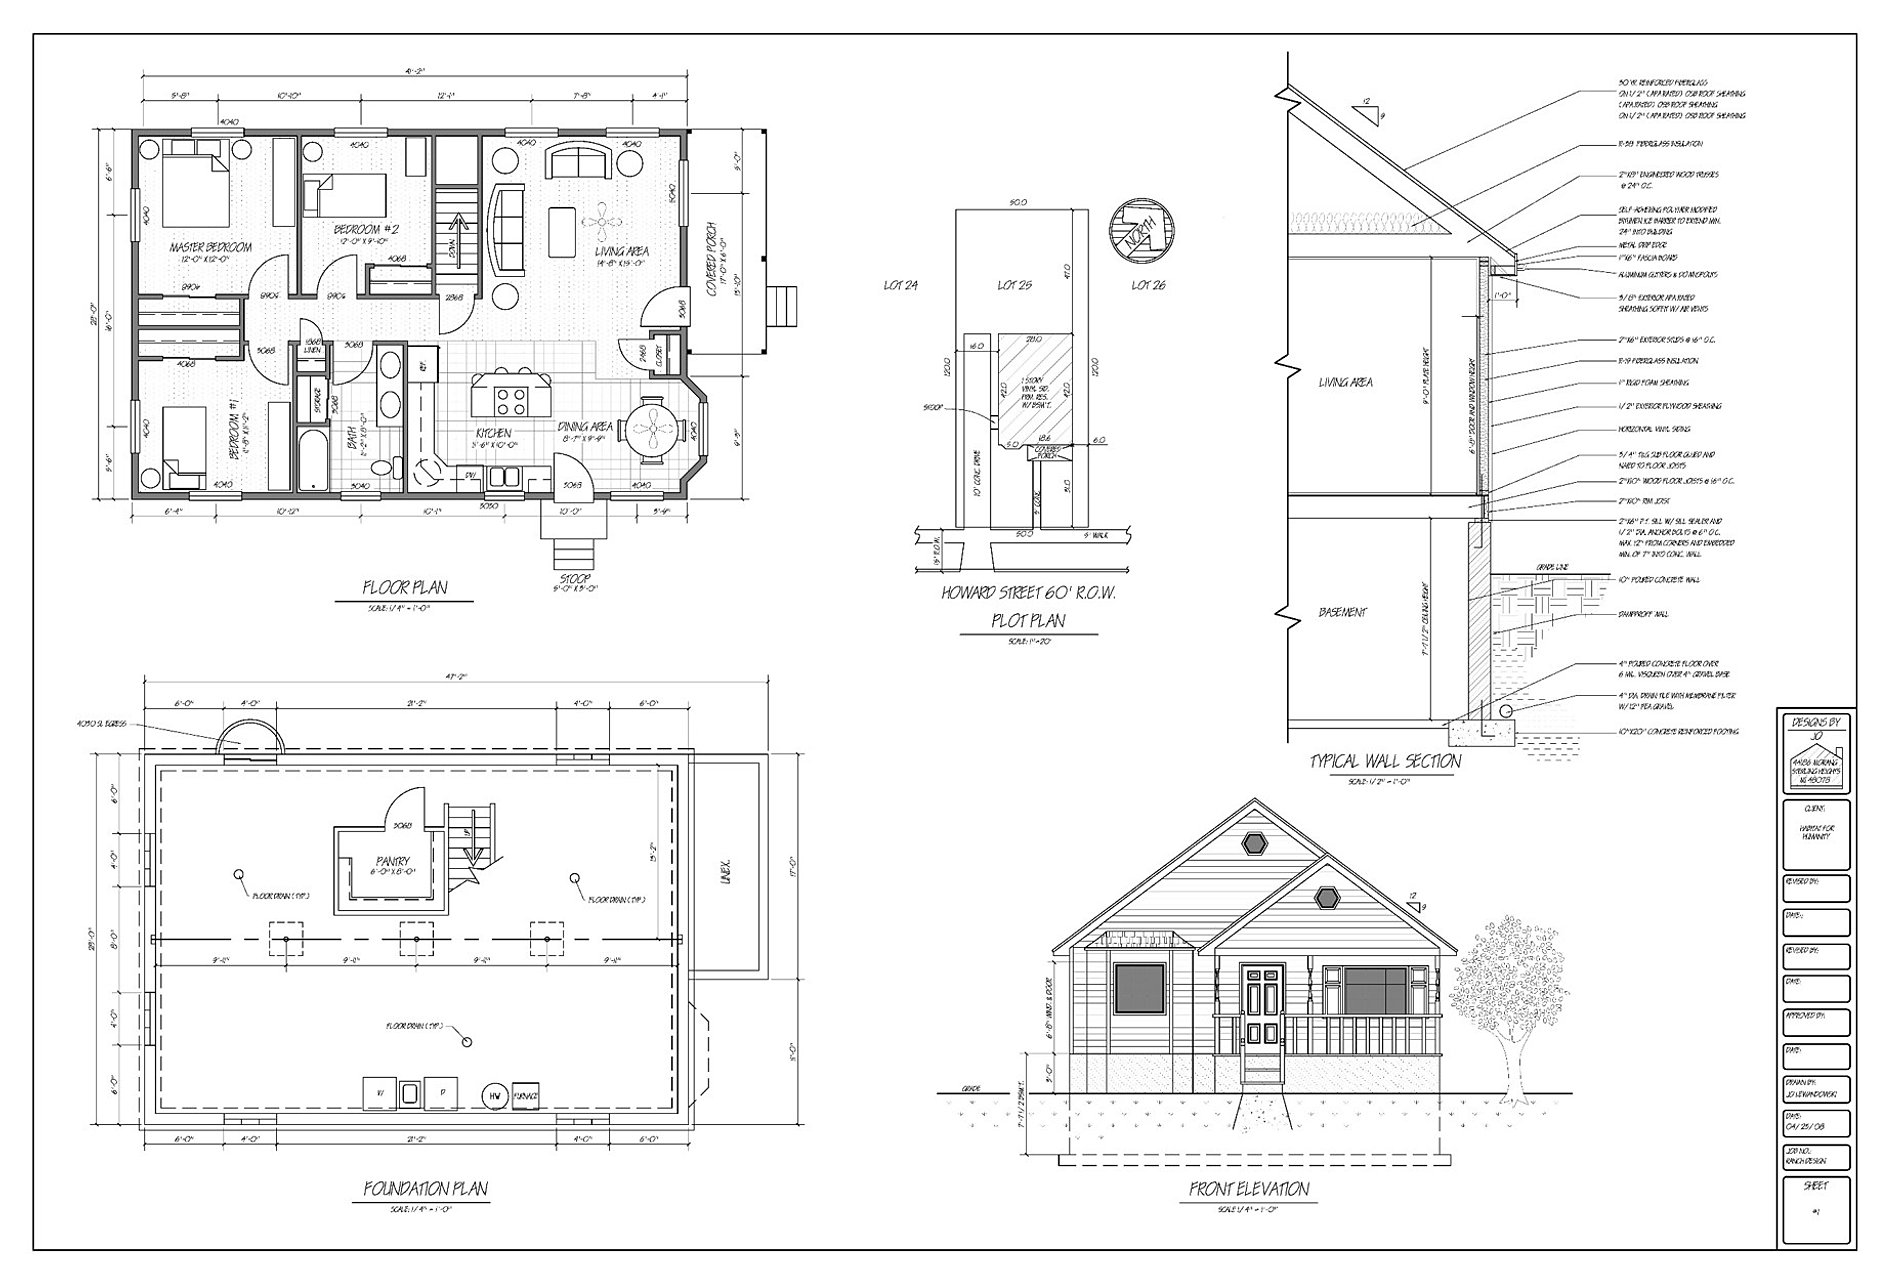 Portfolio habitat for humanity design competition for Habitat for humanity house plans